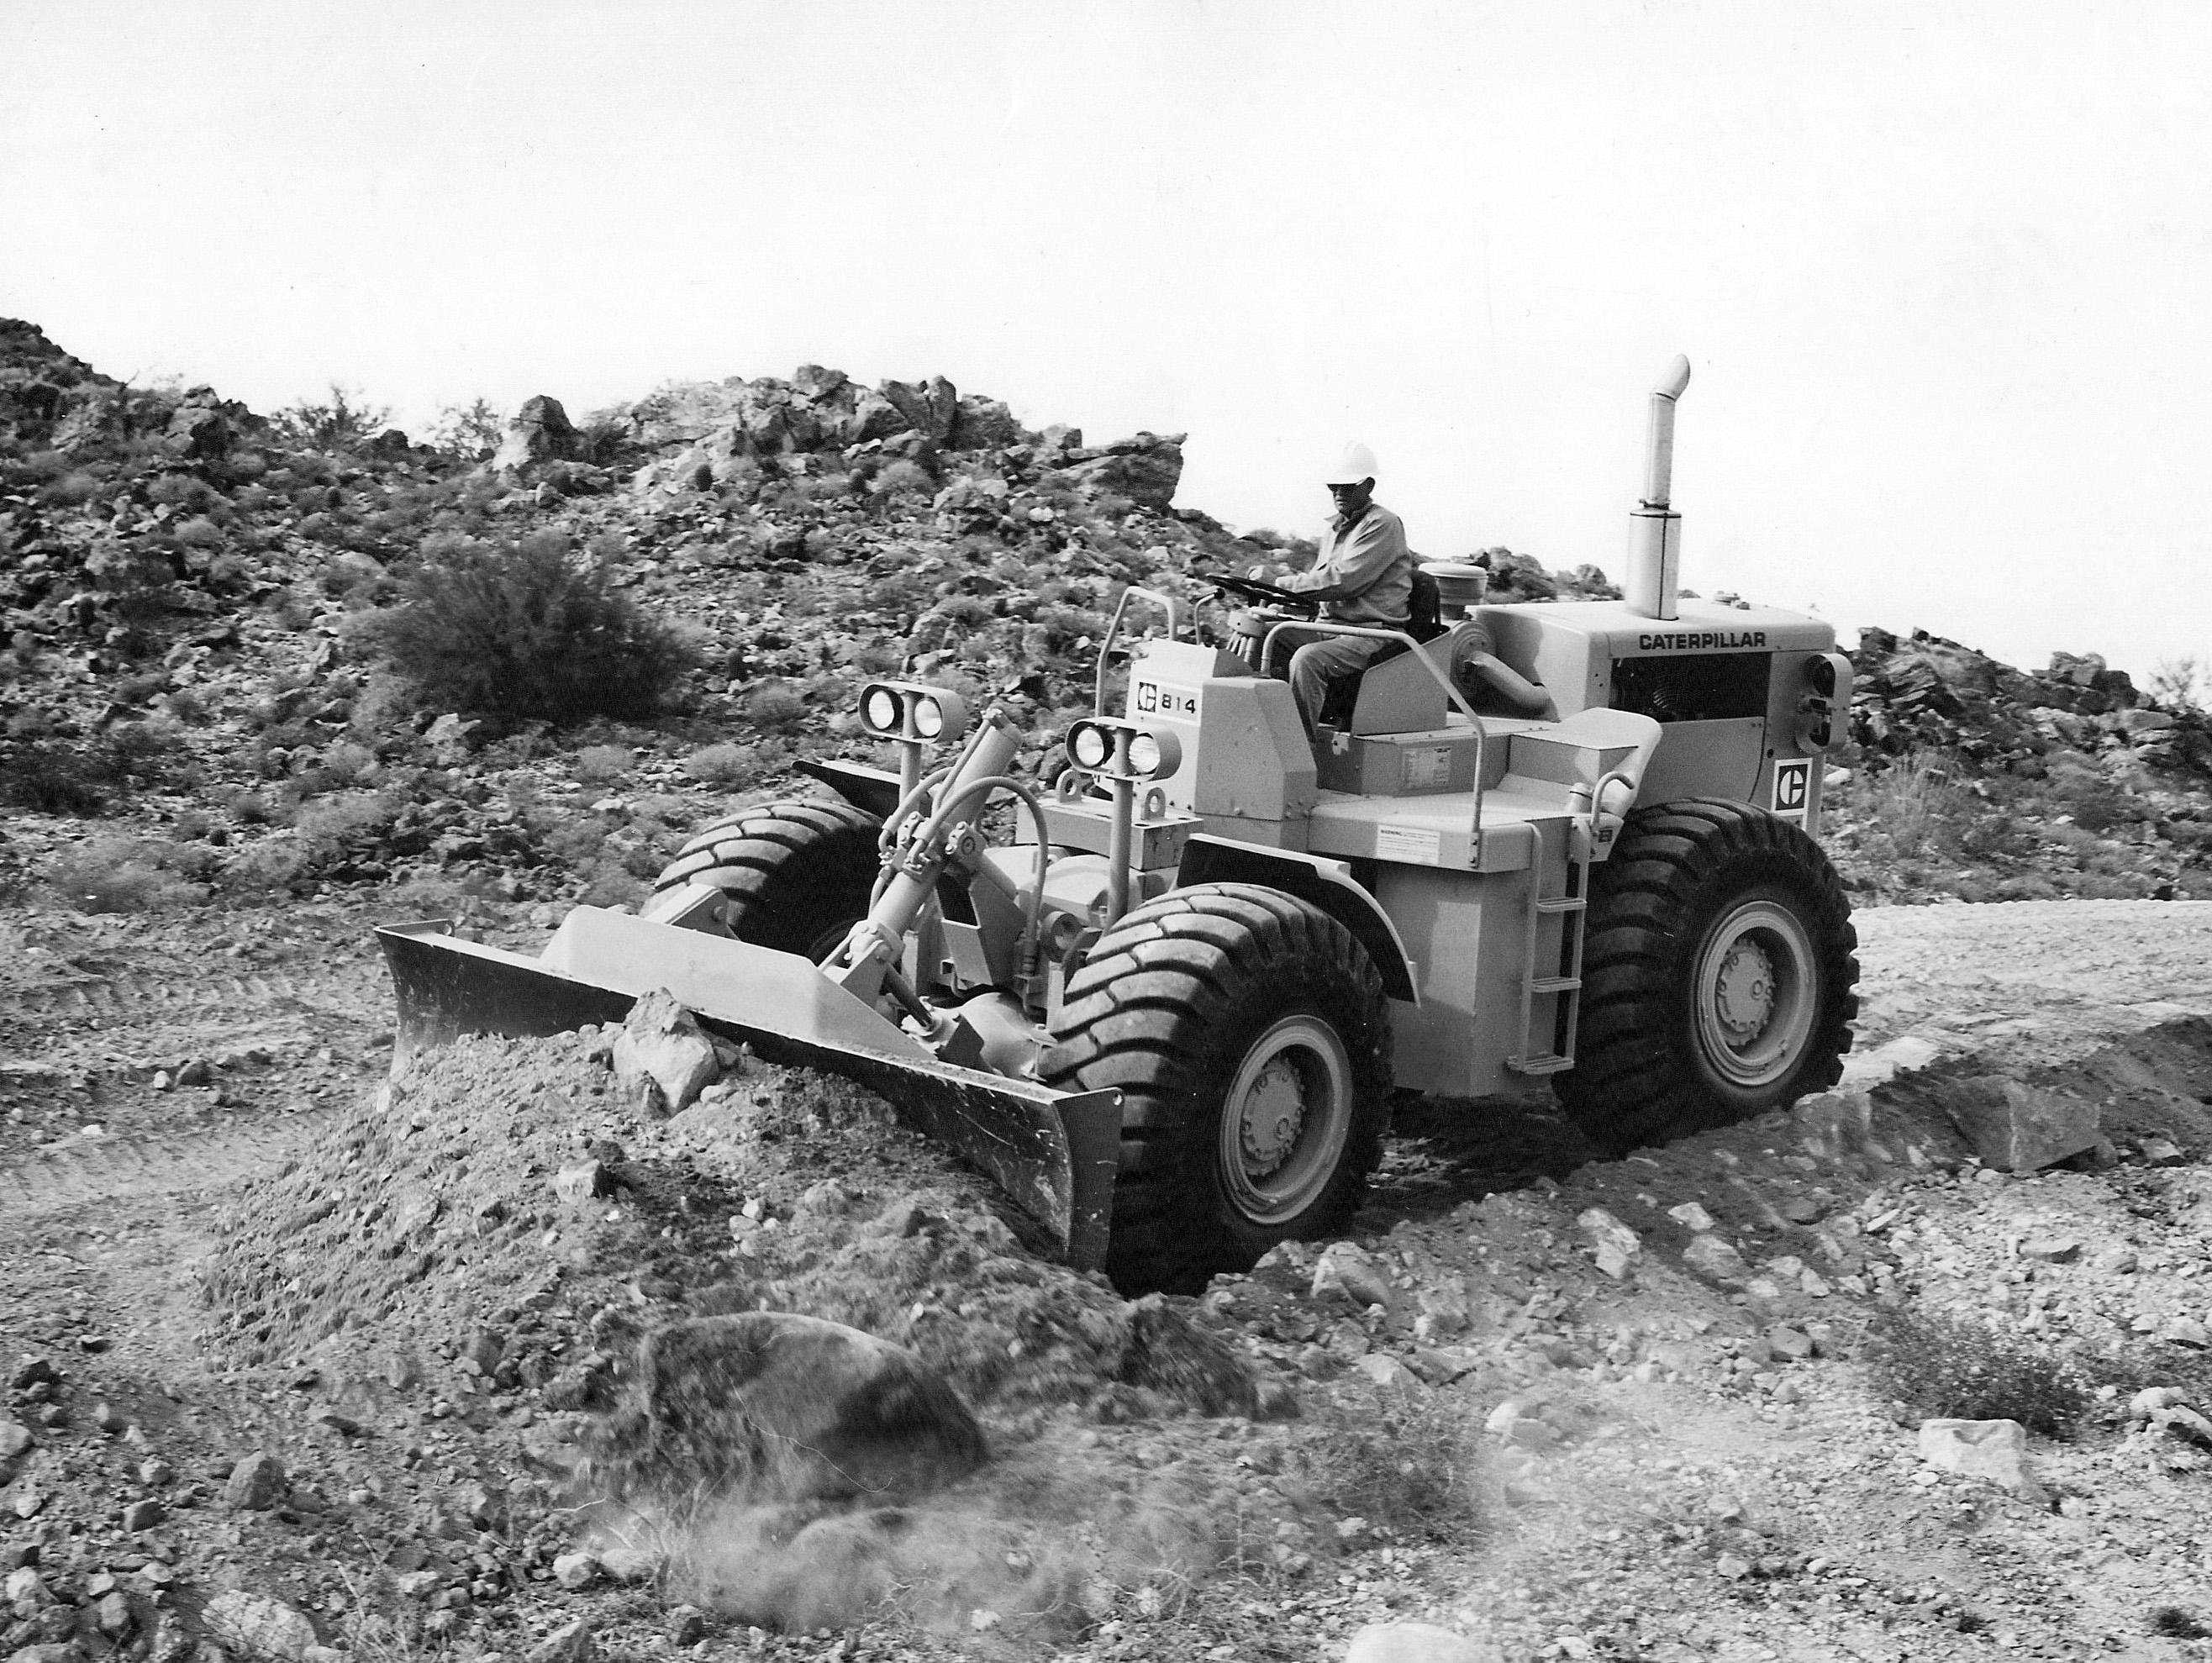 bulldozer caricatore cingolato combinazione Caterpillar-model-814-wheel-dozer-pit-quarry